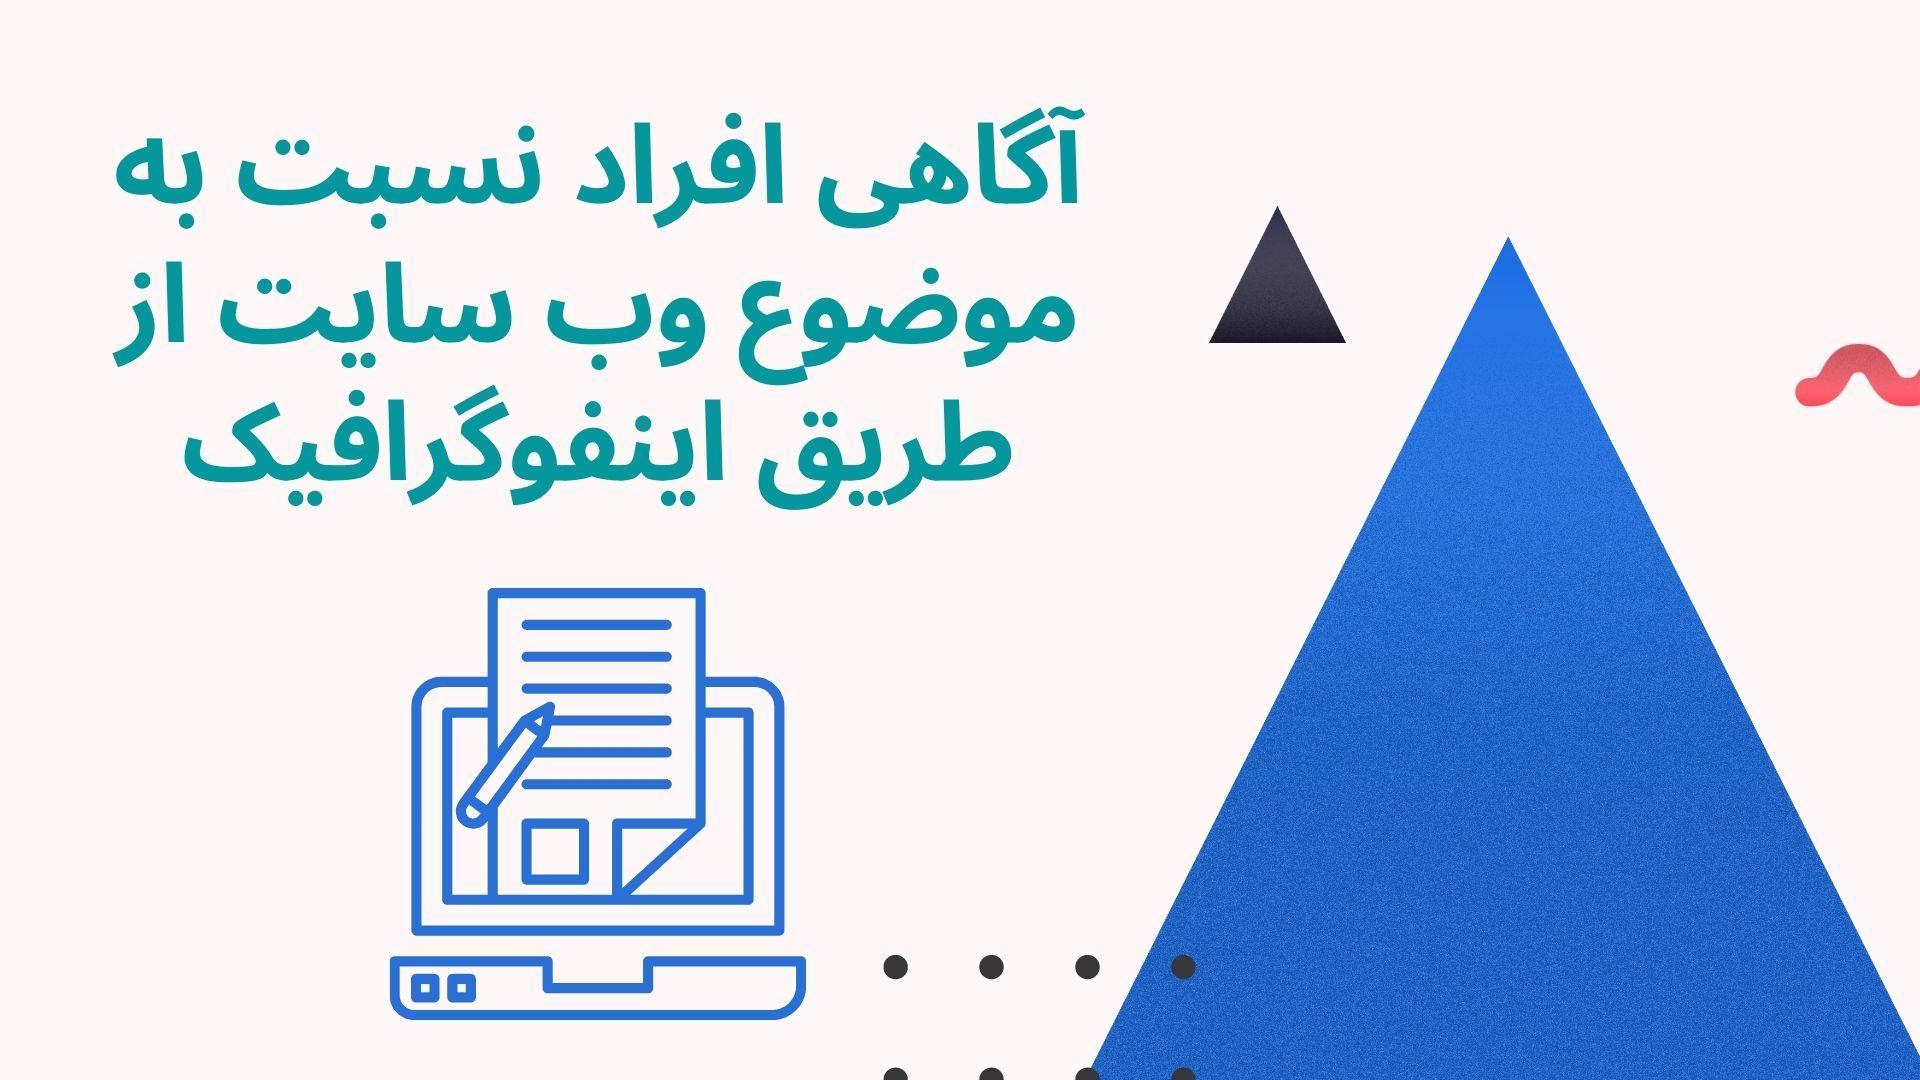 آگاهی افراد نسبت به موضوع وب سایت از طریق اینفوگرافیک